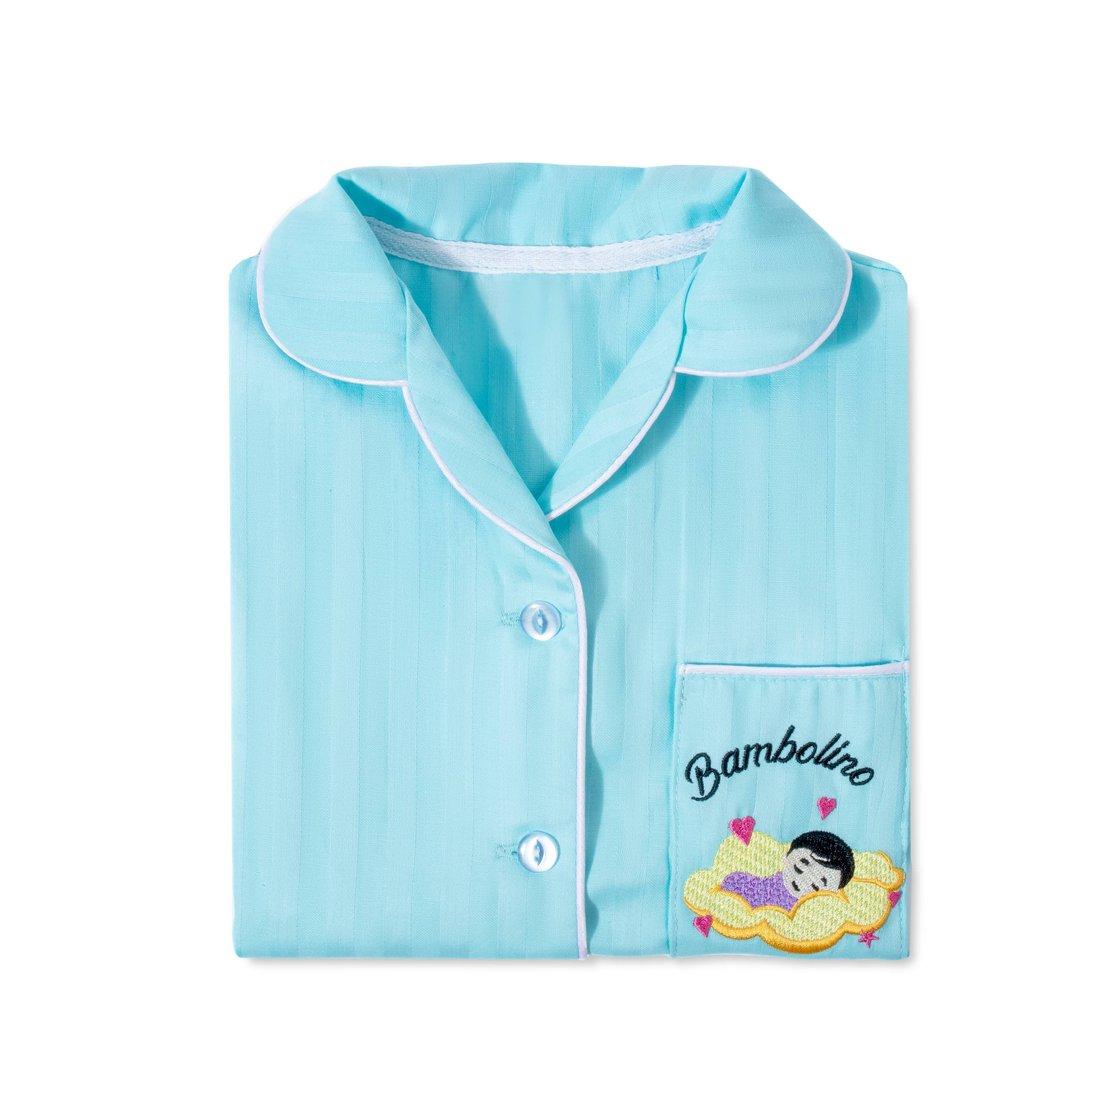 Детская пижама Bambolino, голубая 116 шапка детская barkito голубая